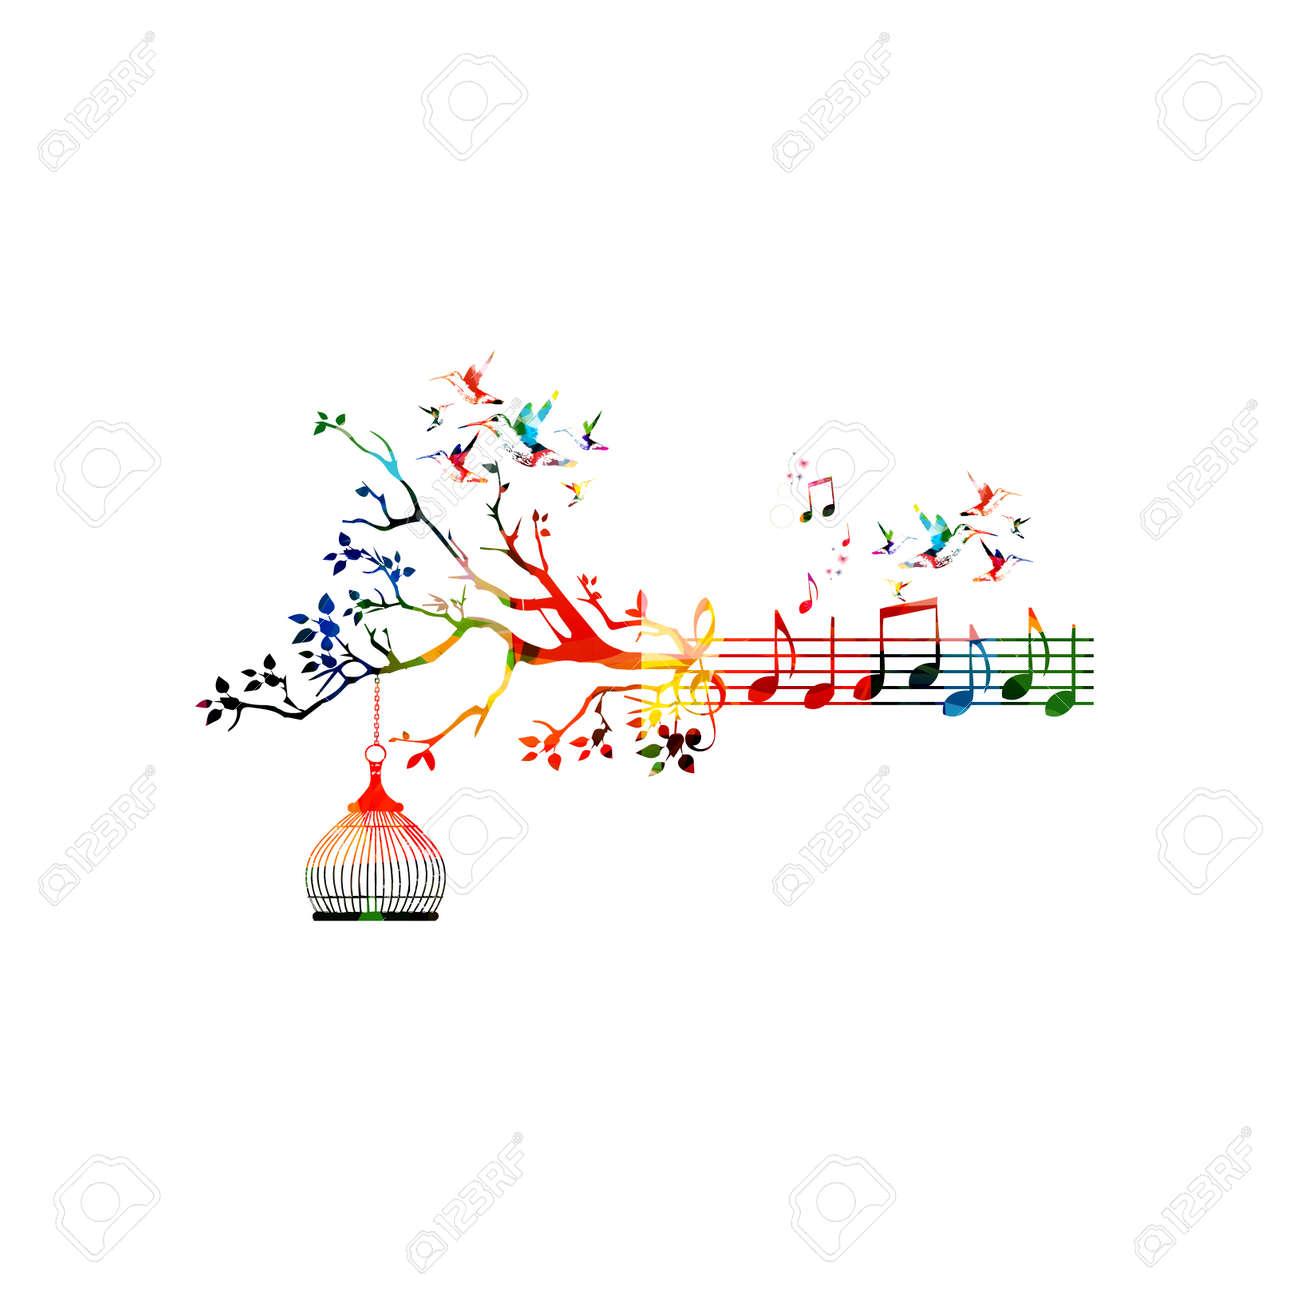 Vecteur Modele Creative Style De Musique Illustration Le Personnel De La Musique Coloree Avec Des Notes De Fond Conception De Notation Inspiree Pour